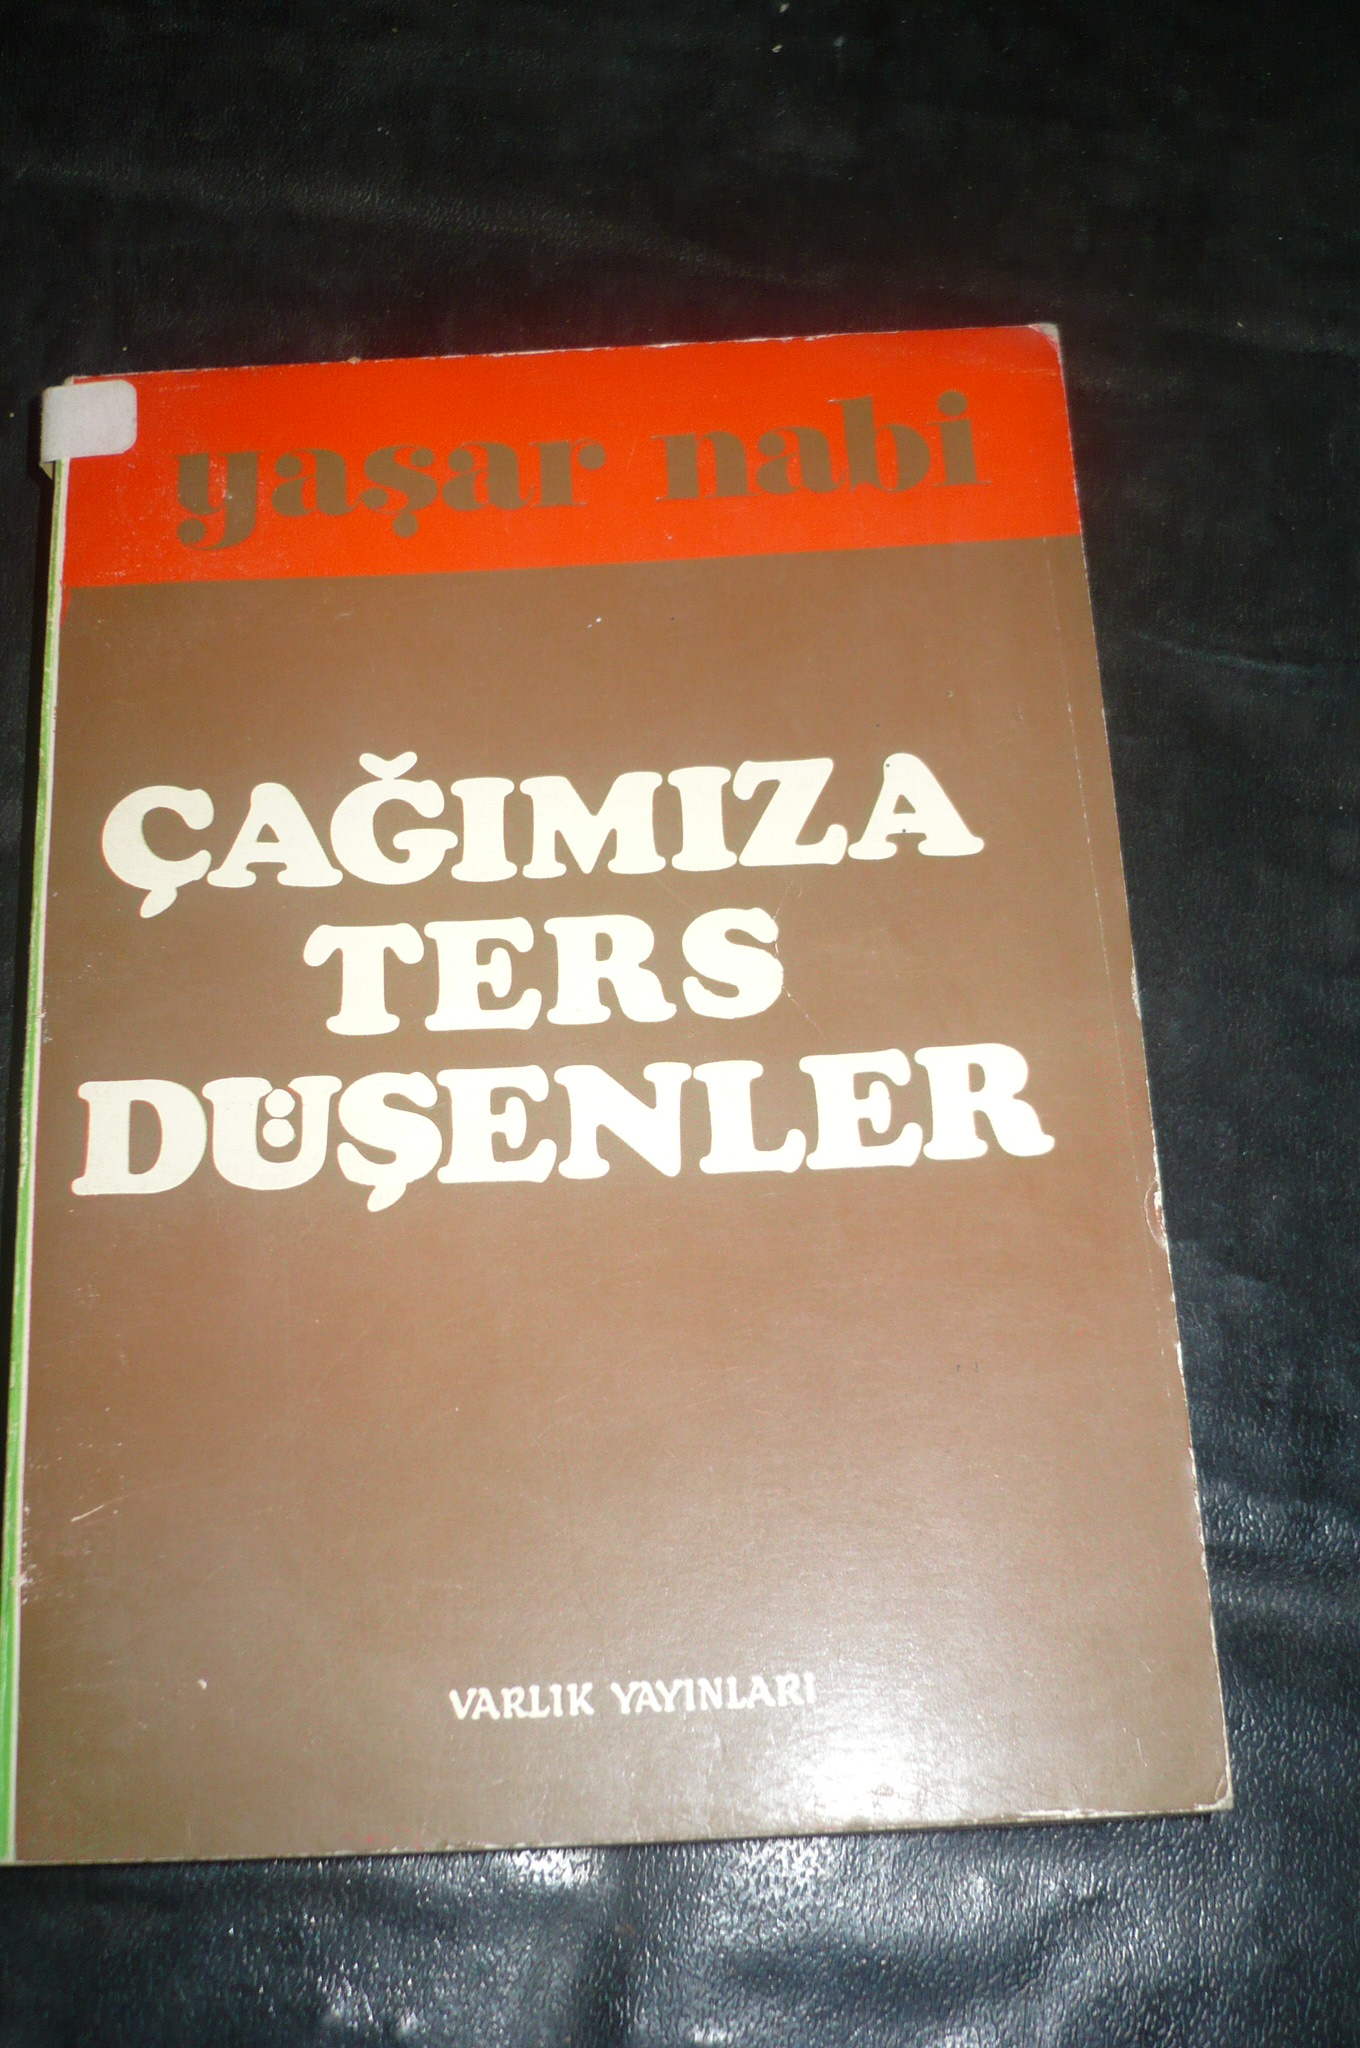 ÇAĞIMIZA TERS DÜŞENLER(Günümüz ve Geleceğimiz Üstüne Düşünceler)/Yaşar Nabi Nayır/15 tl